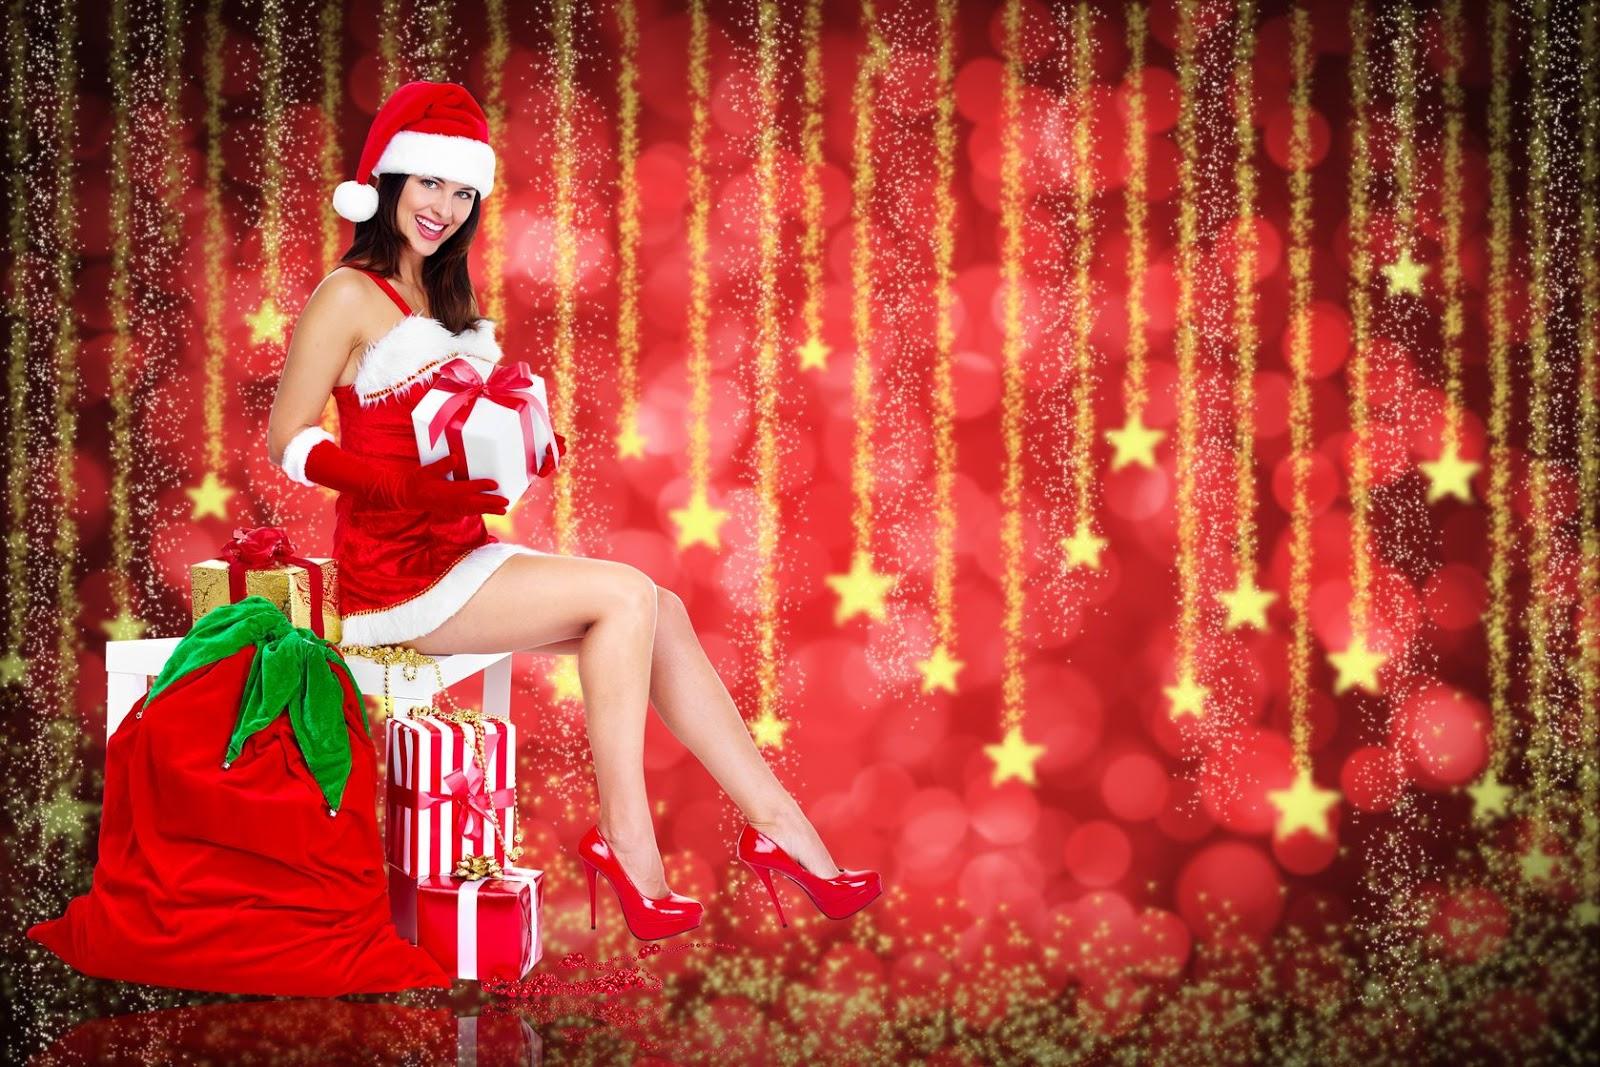 son hermosas postales navideas con esferas regalos santa claus escenarios navideos pinos y mensajes especiales de navidad por favor explore nuestra